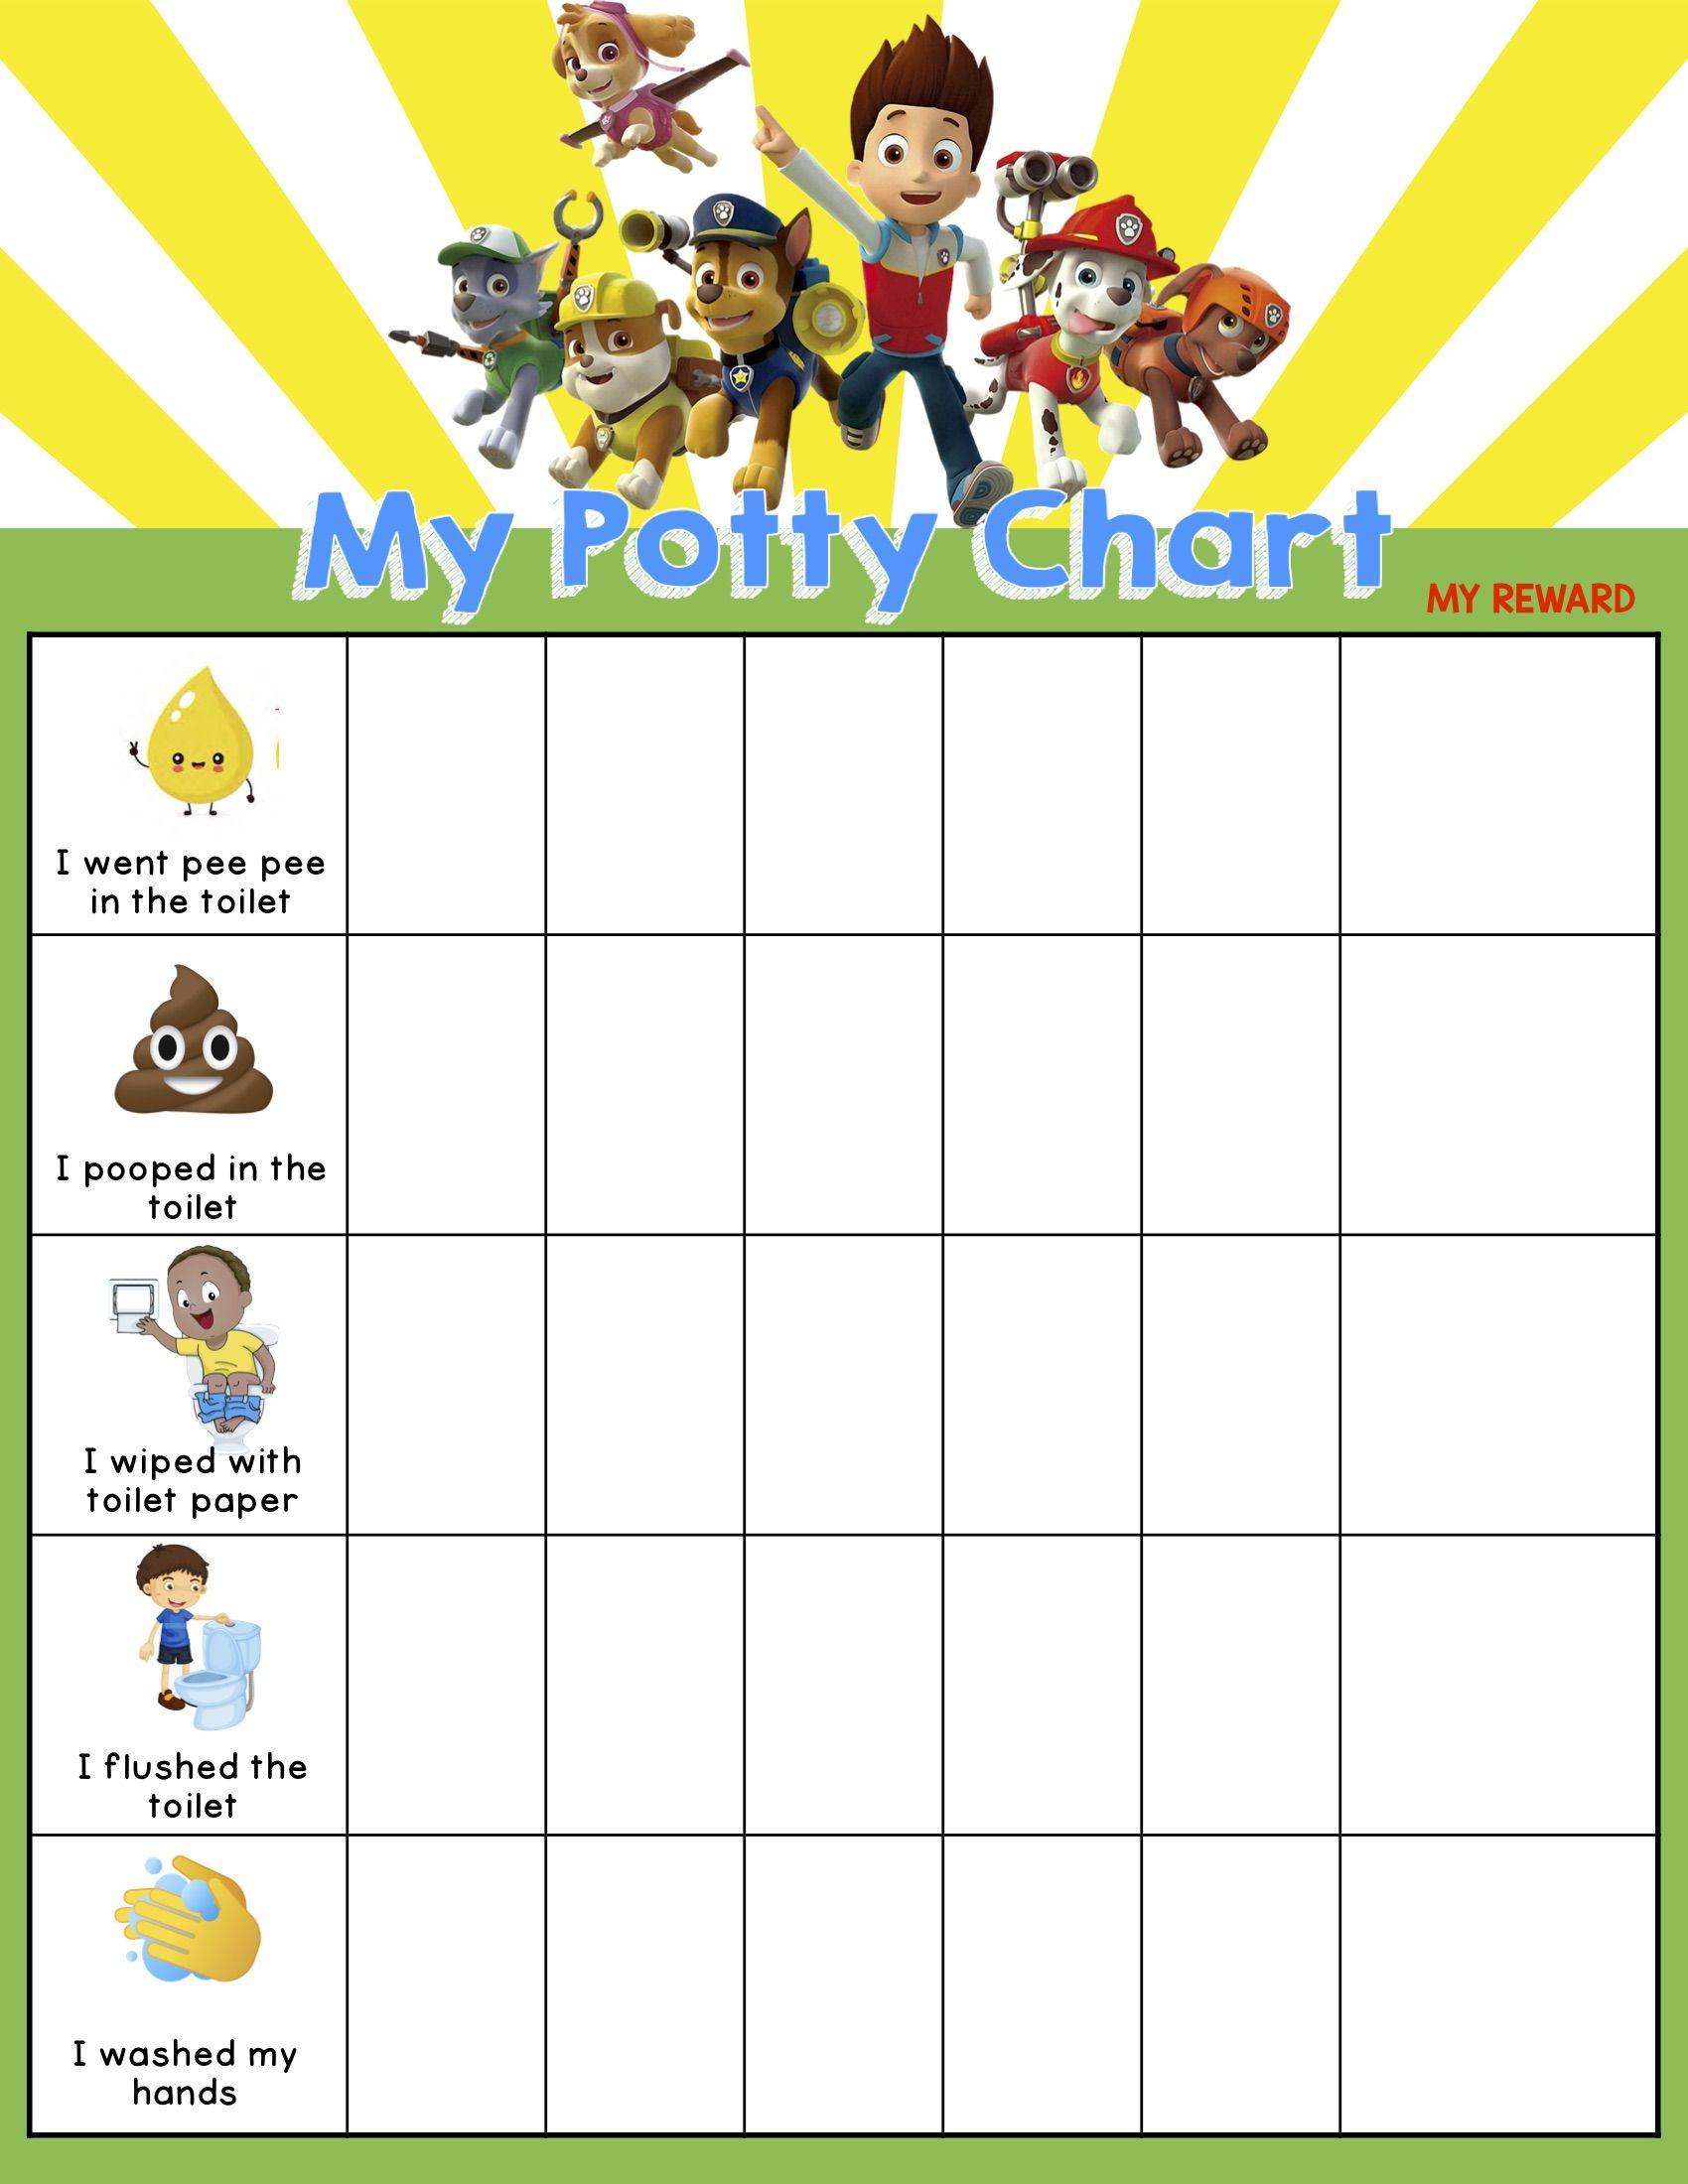 28 Adalyn Charts Ideas In 2021 Potty Chart Potty Training Chart Potty Training Boys